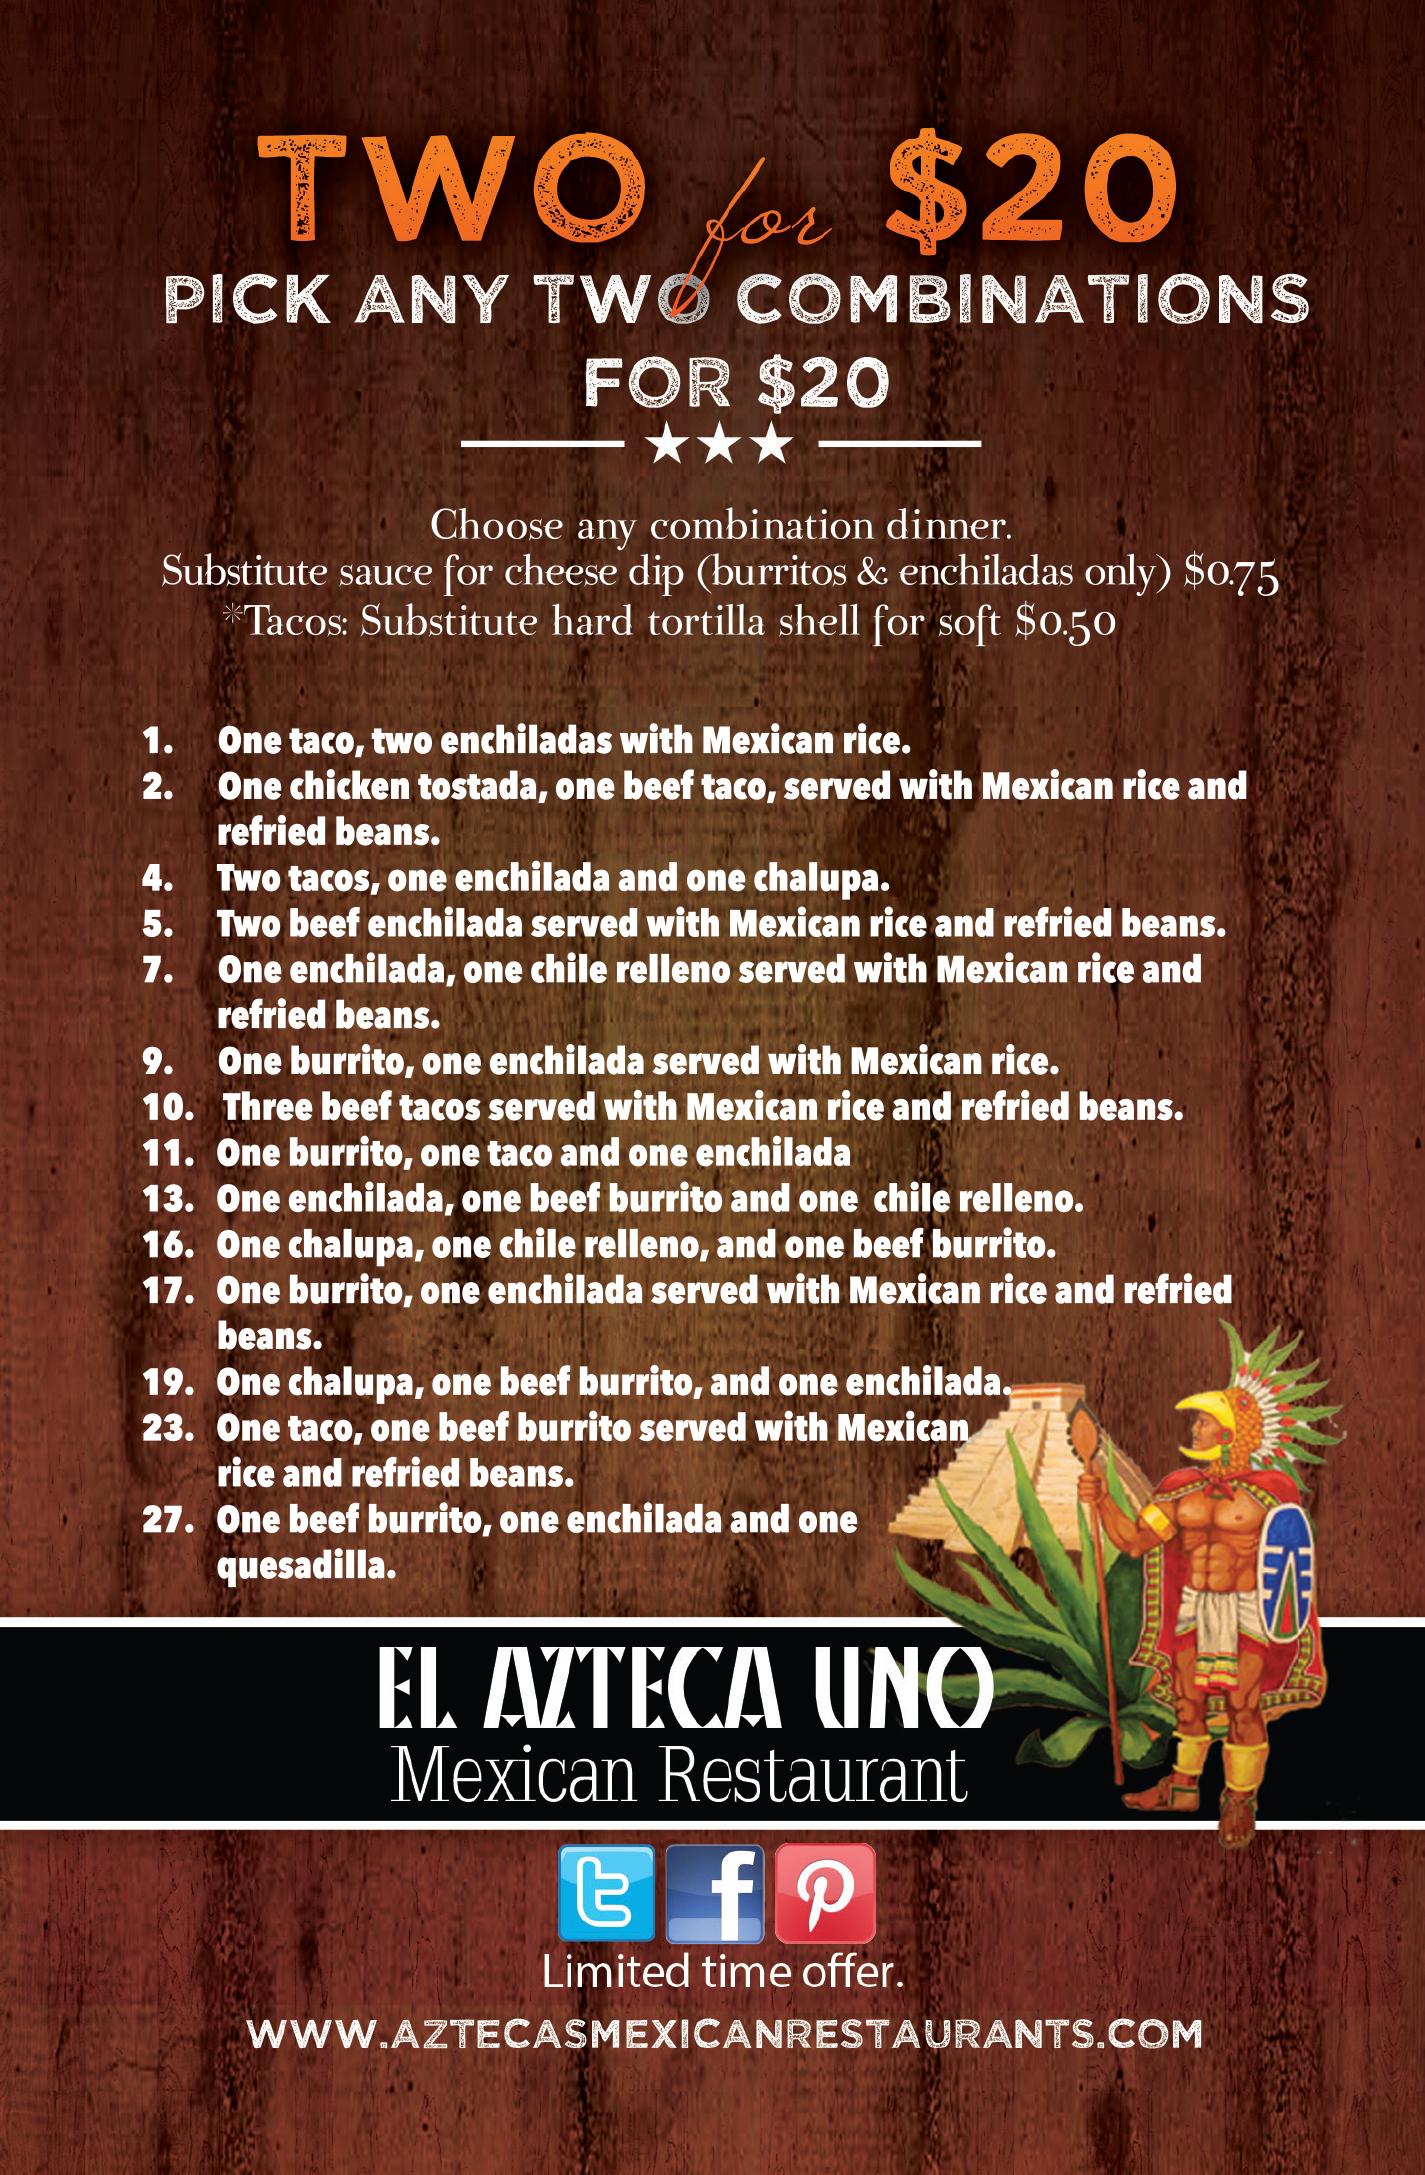 El Azteca Uno Mexican Restaurant